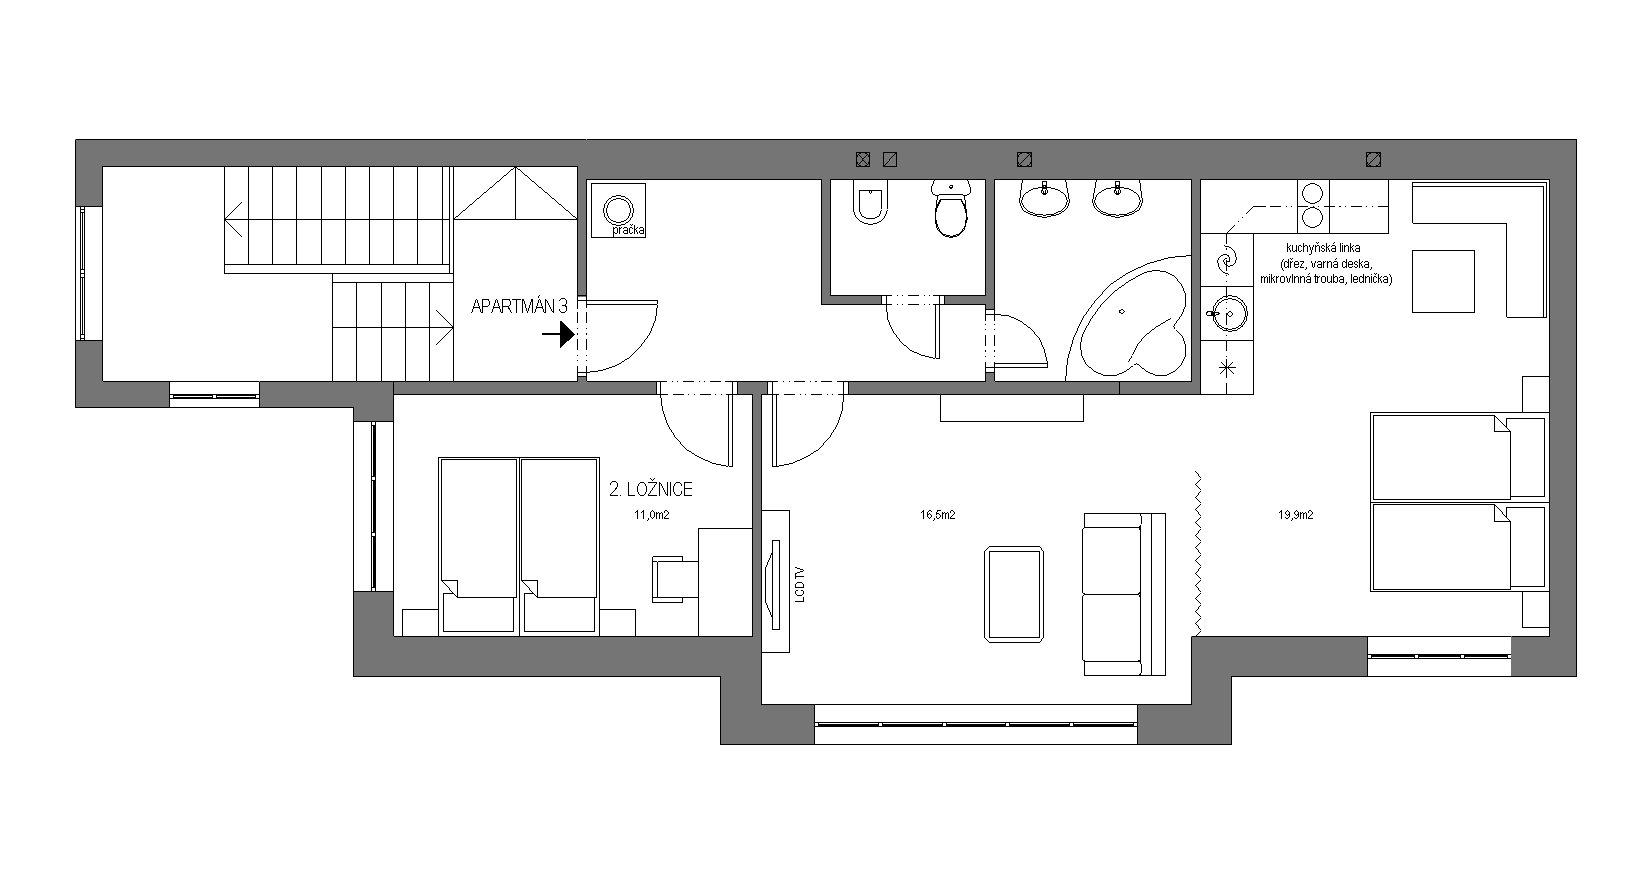 Půdorys apartmánů